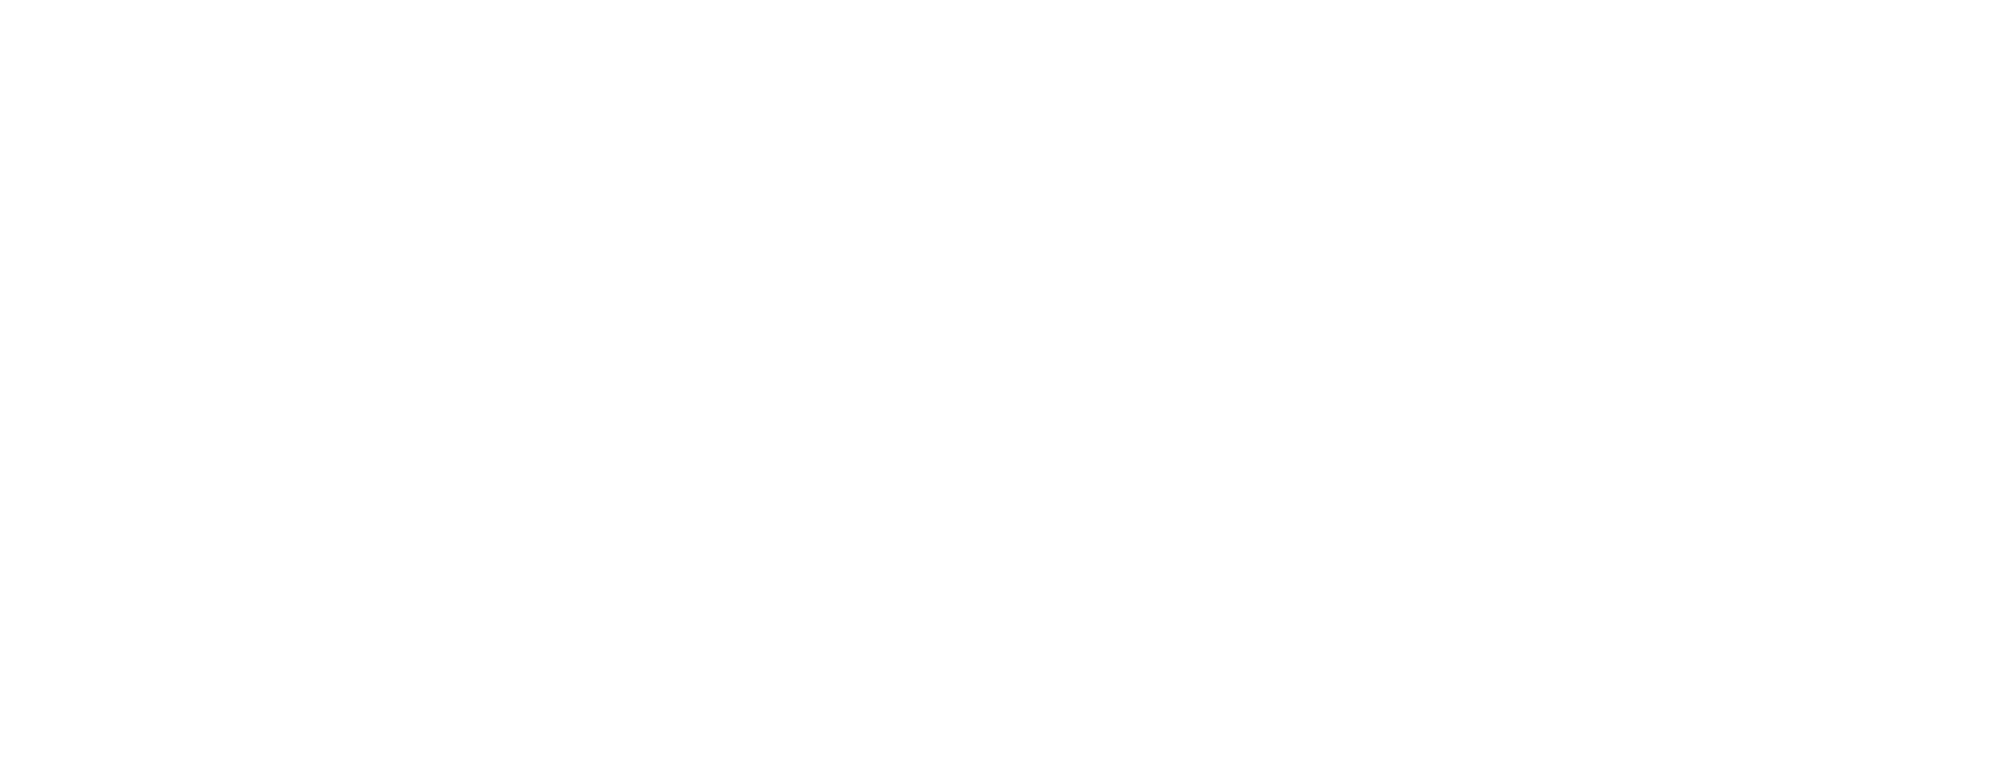 JazzHR - Job Board